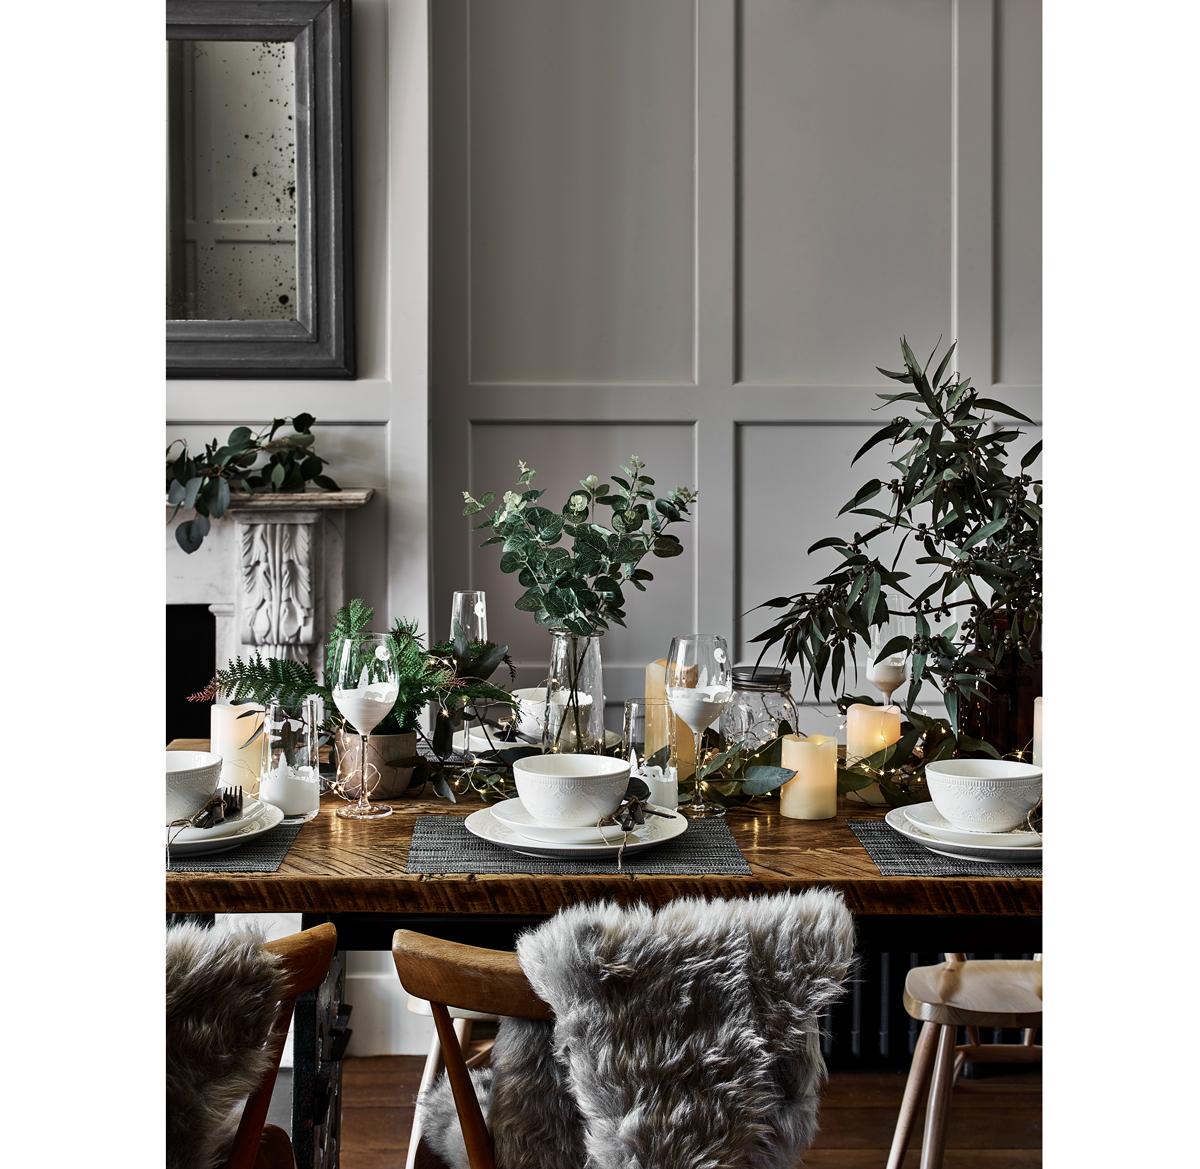 sviatočne prestretý stôl so svietnikmi, sviečkami, pohármi, riadmi a zeleňou v sklenených vázach a so stoličkami, na ktorých sú prevesené kožušiny